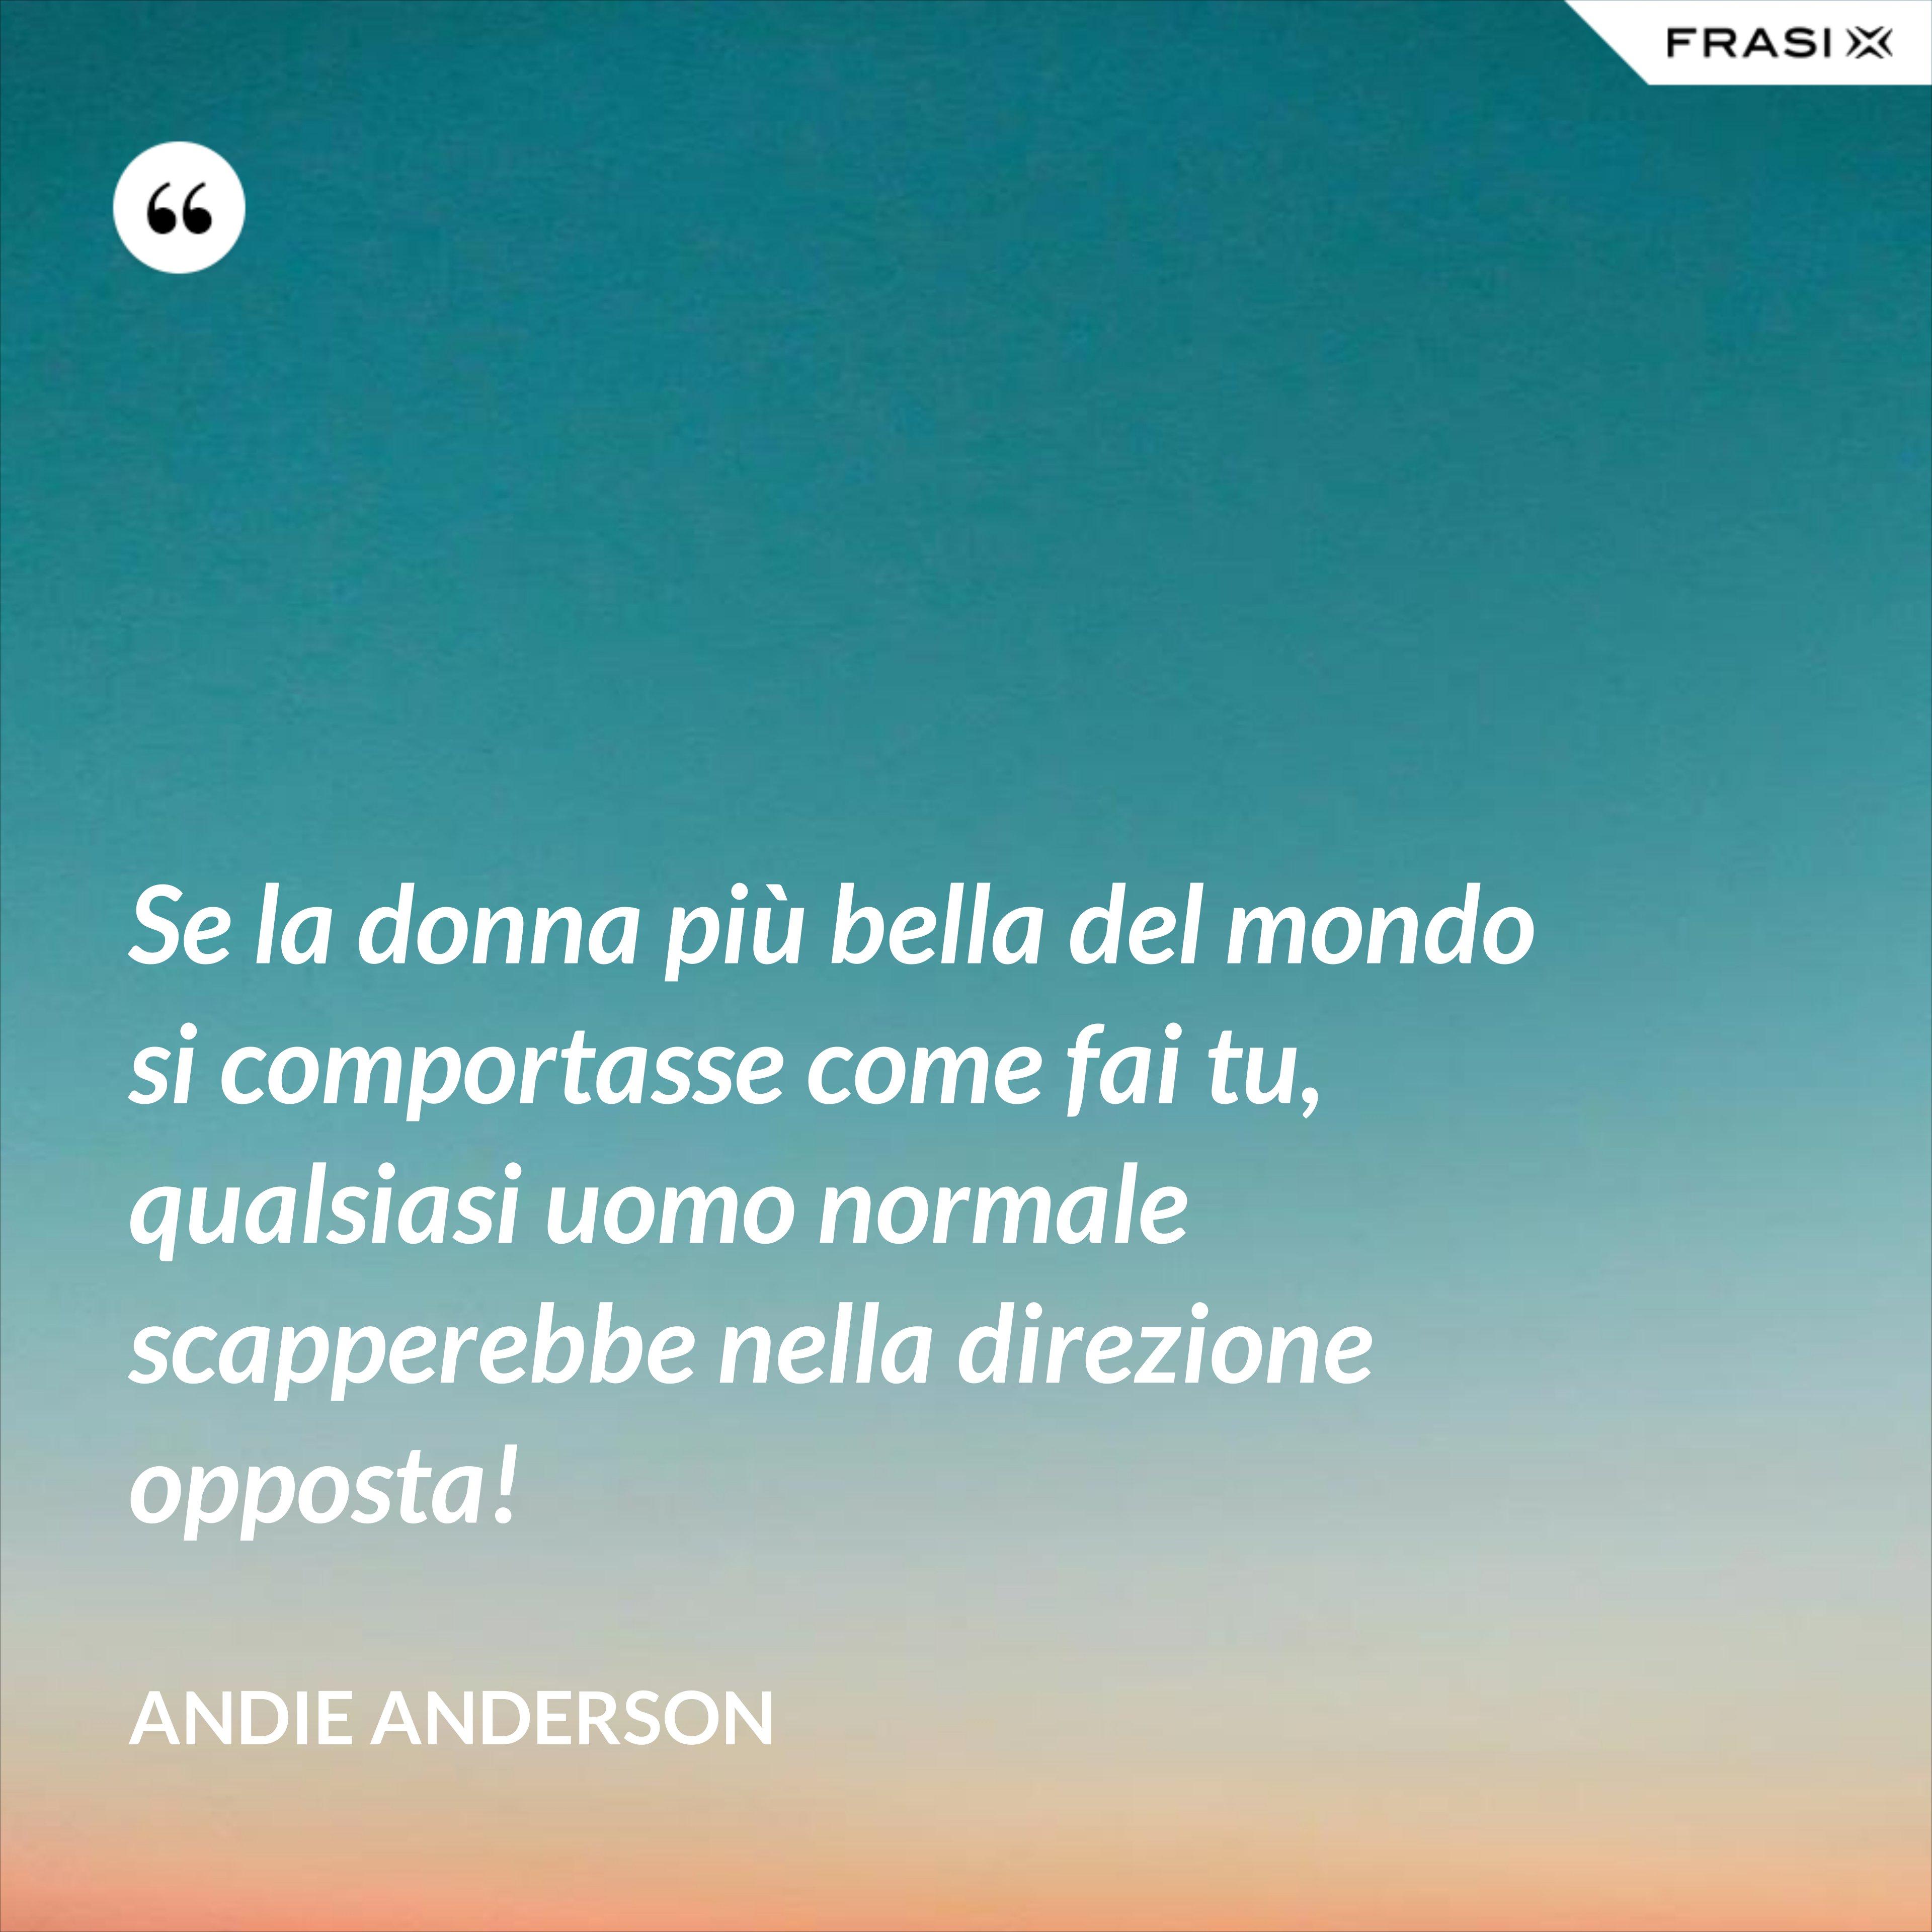 Se la donna più bella del mondo si comportasse come fai tu, qualsiasi uomo normale scapperebbe nella direzione opposta! - Andie Anderson